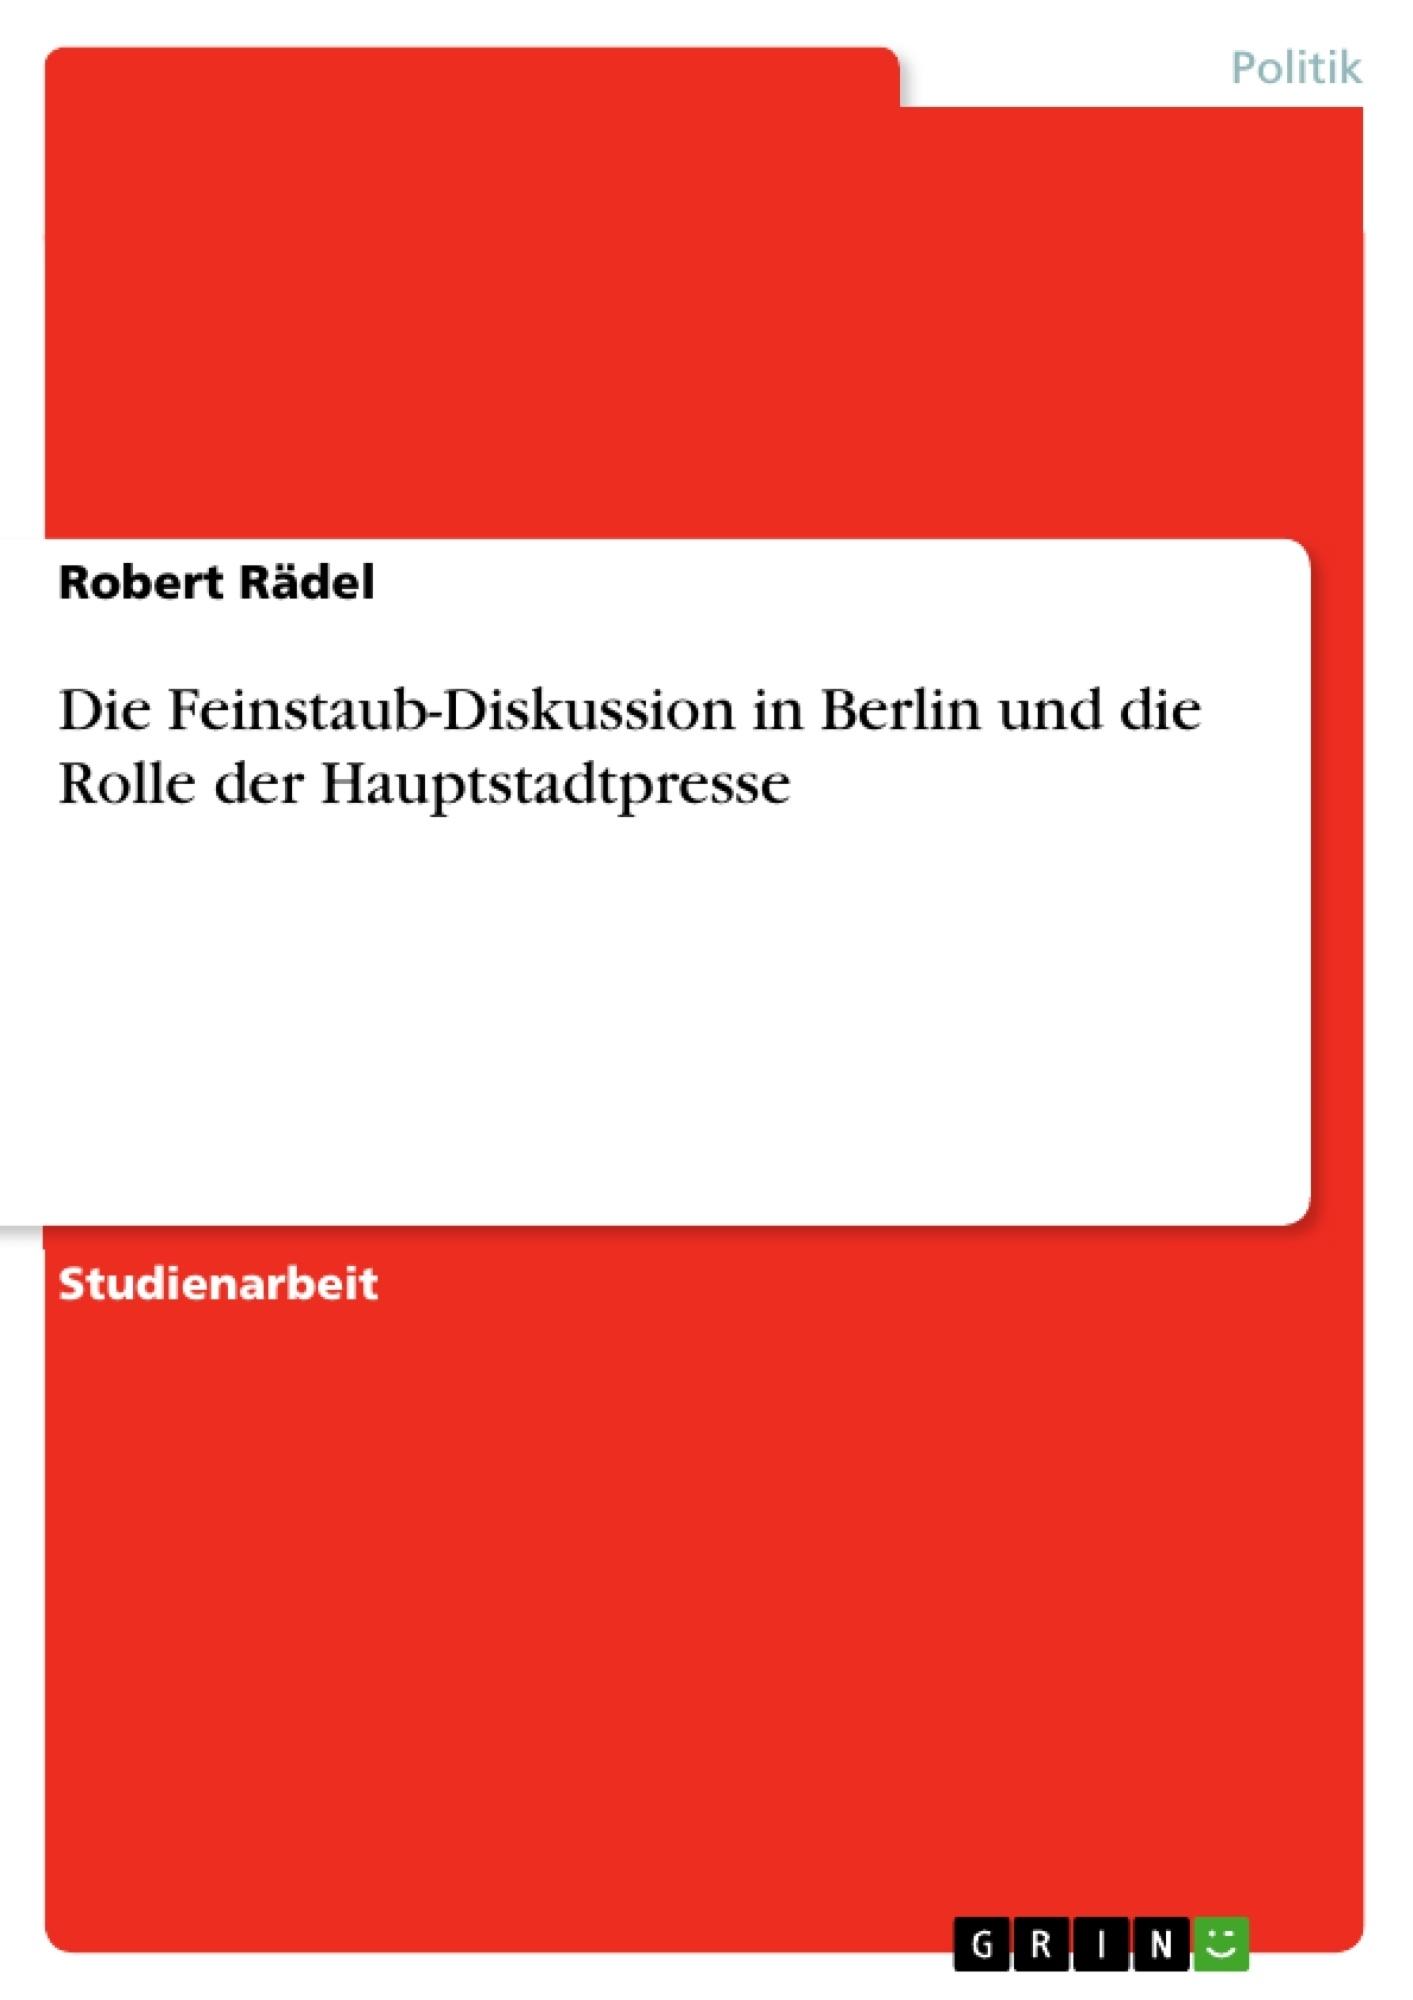 Titel: Die Feinstaub-Diskussion in Berlin und die Rolle der Hauptstadtpresse